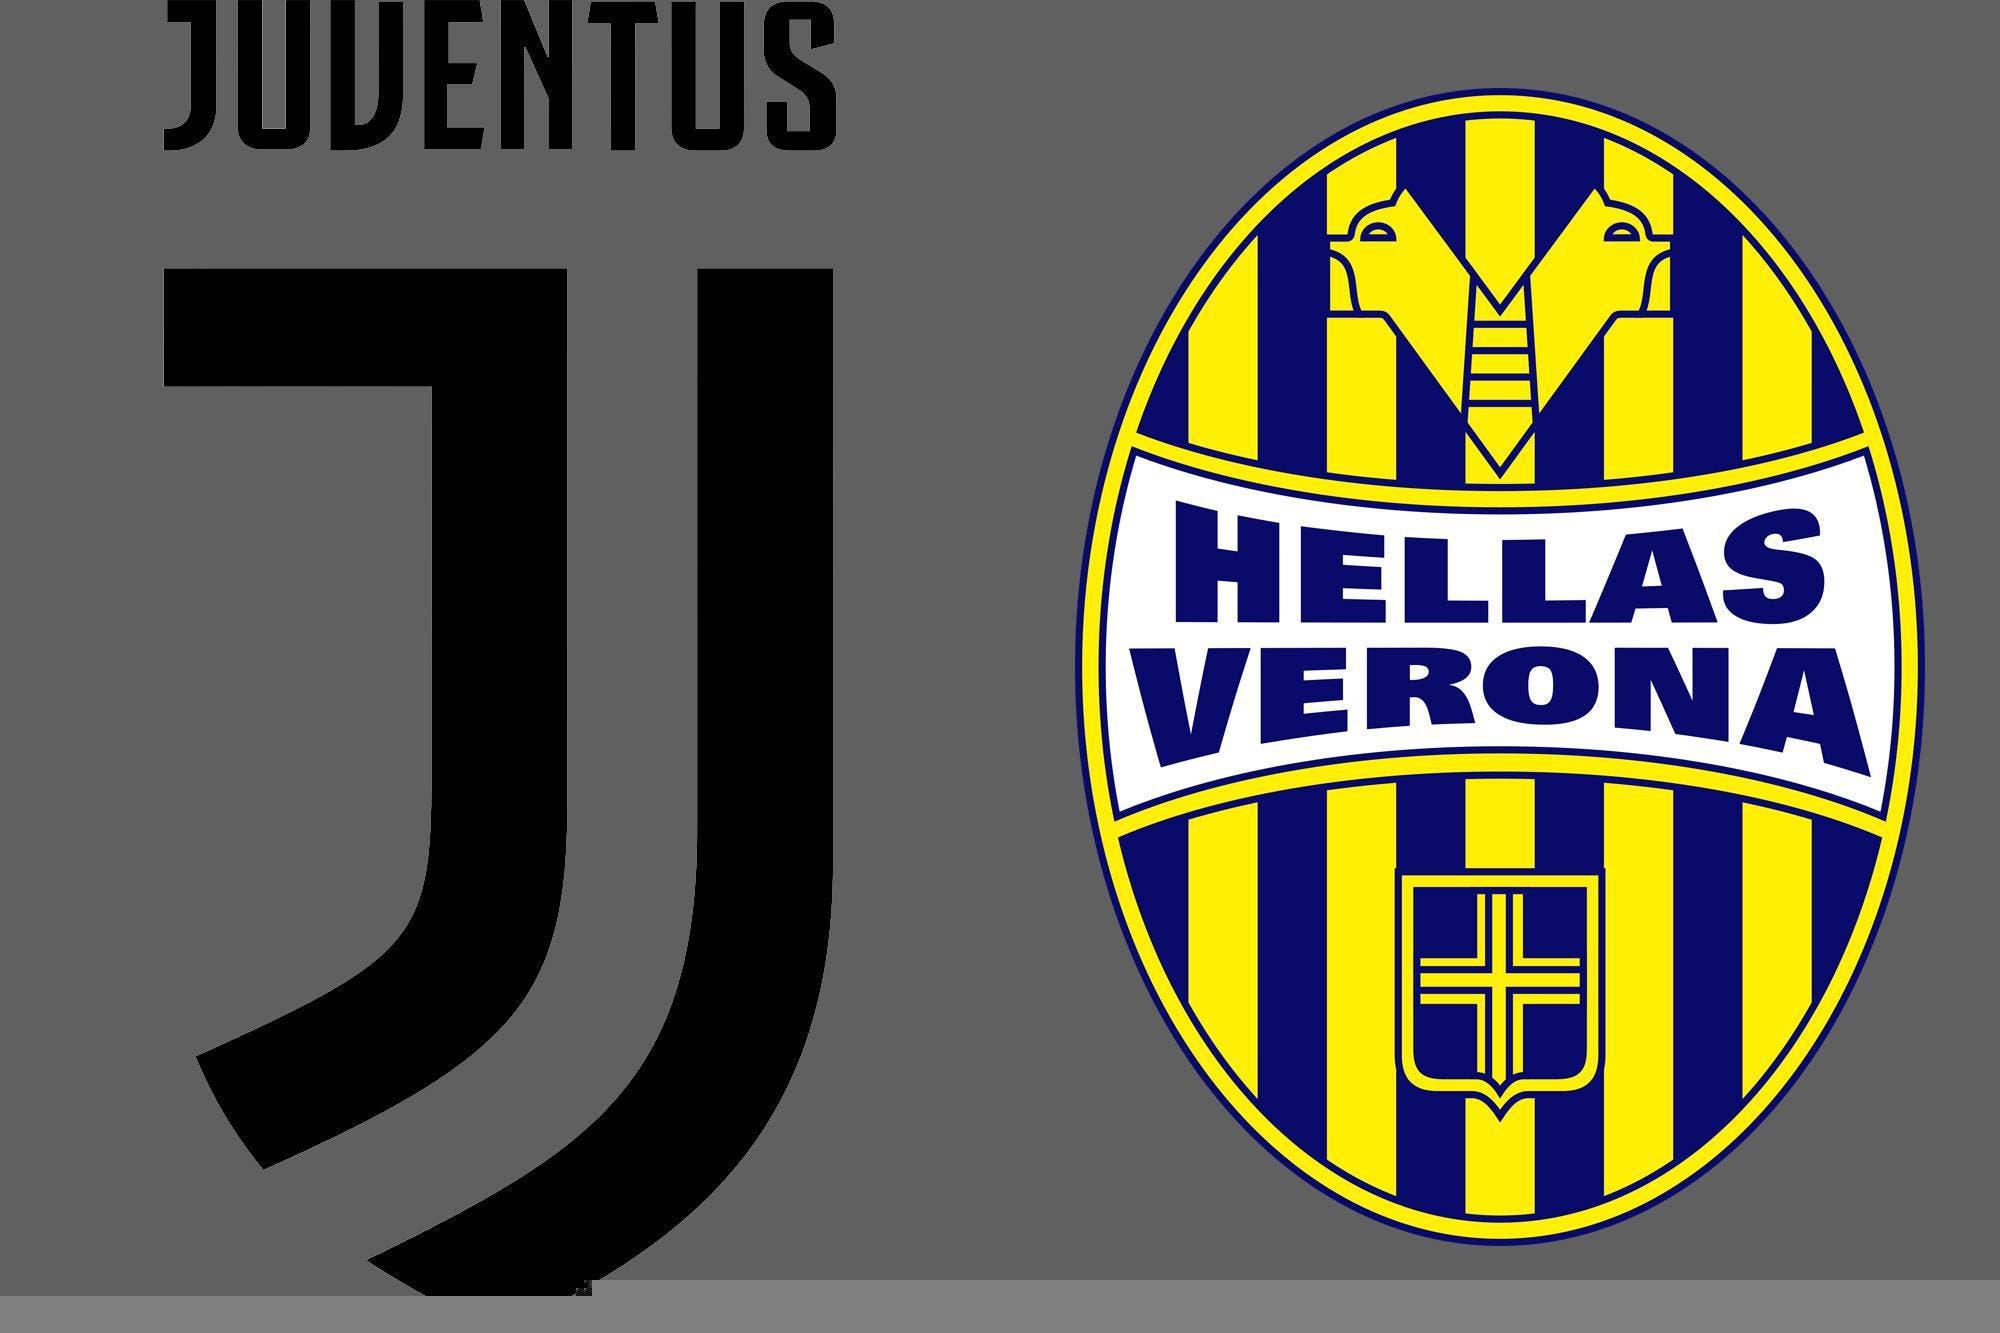 Serie A de Italia: Juventus y Verona empataron 1-1